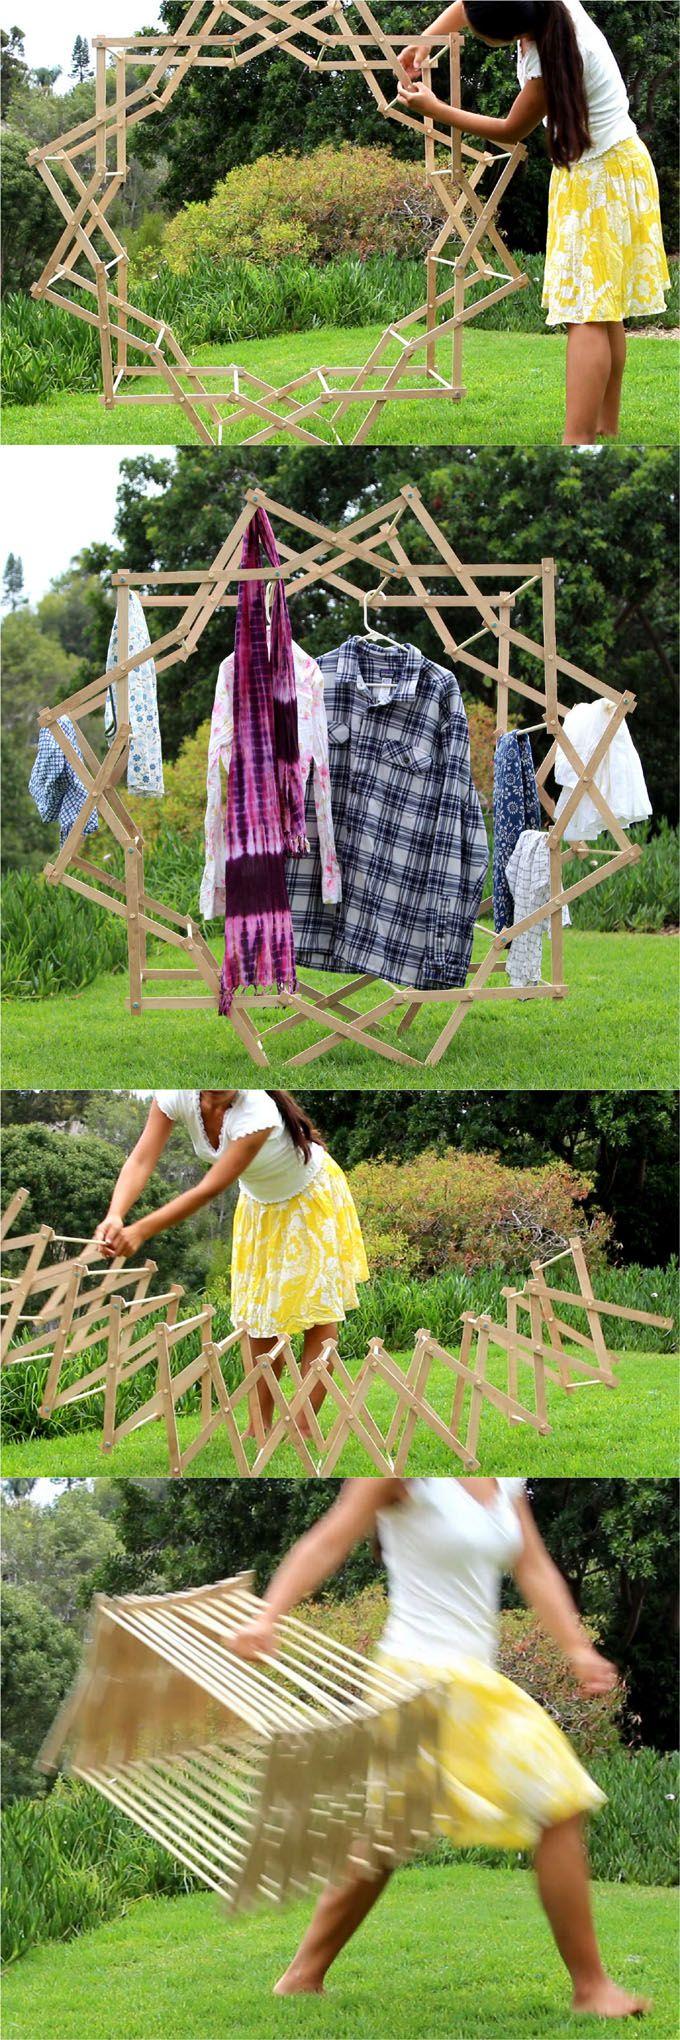 En forma de estrella-ropa-secado-rack-apieceofrainbowblog (1)